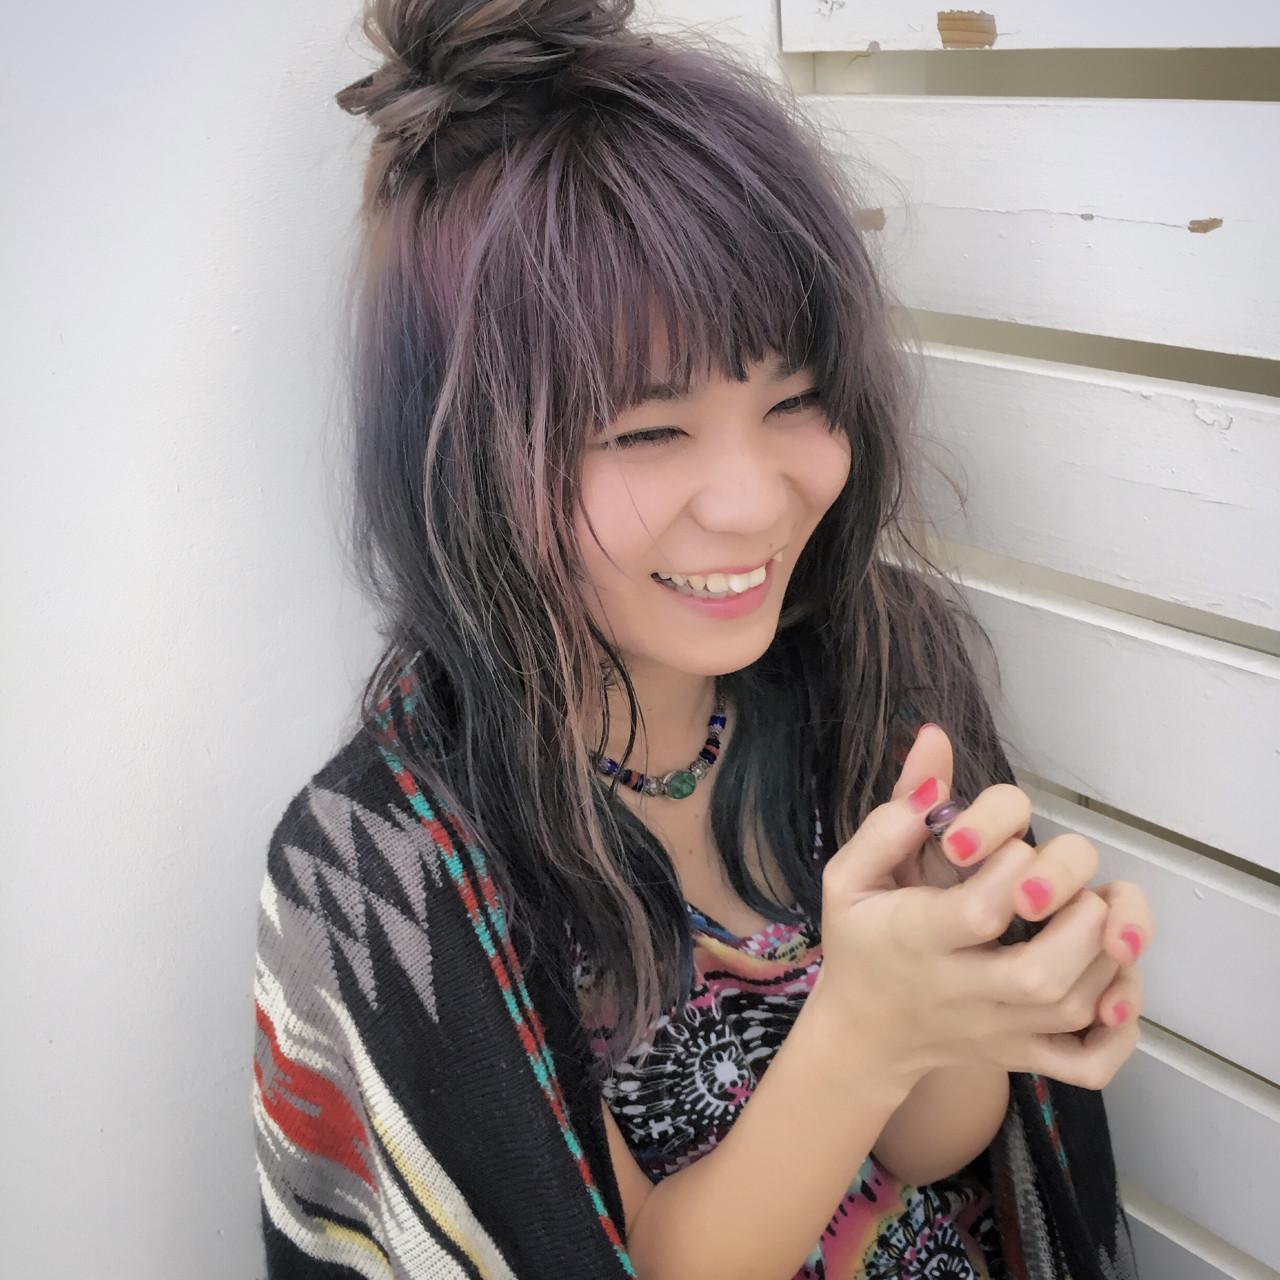 セミロング ヘアアレンジ 外国人風 波ウェーブ ヘアスタイルや髪型の写真・画像 | Yuuta Asato / Moana by HEADLIGHT 沖縄東崎店